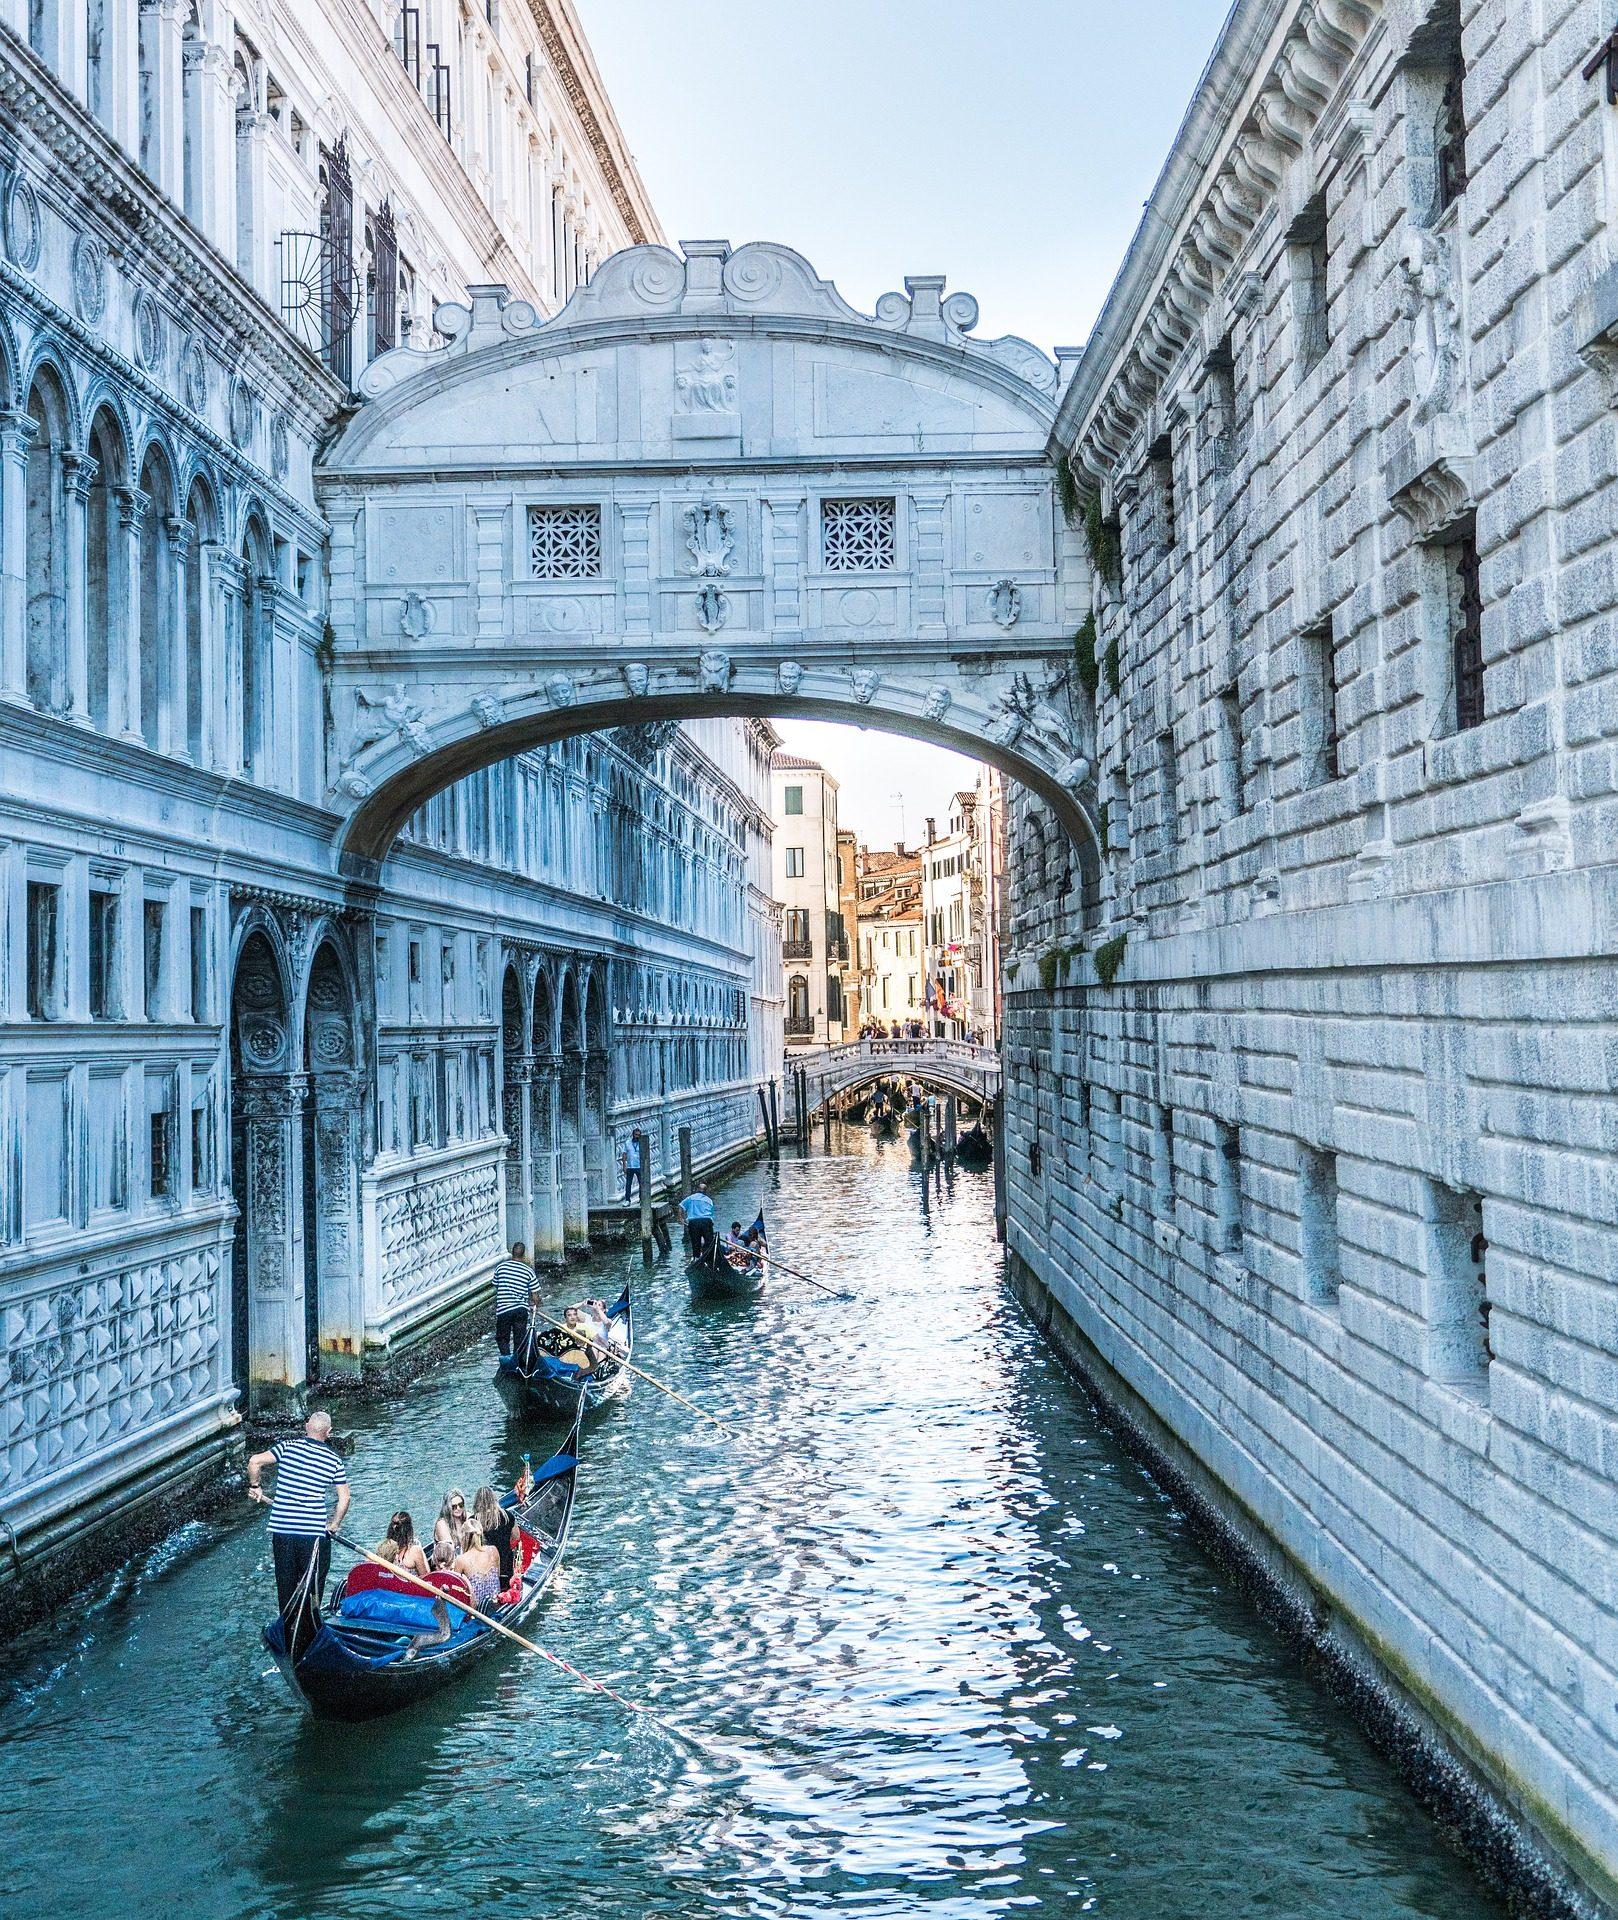 canale, Città, gondole, edifici, acqua, Venezia - Sfondi HD - Professor-falken.com